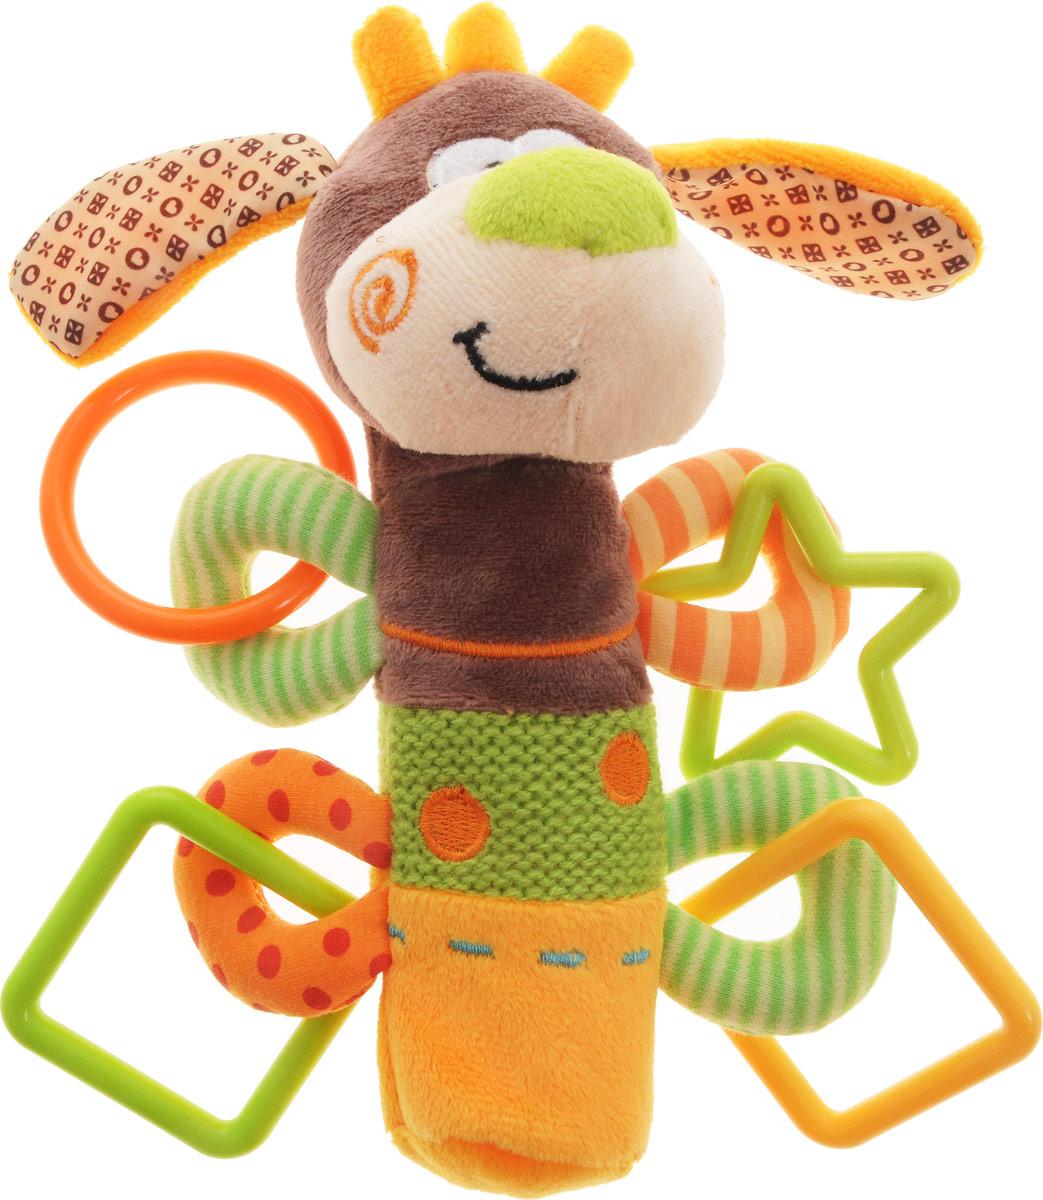 Купить Жирафики Развивающая игрушка-пищалка Щенок, Развивающие игрушки